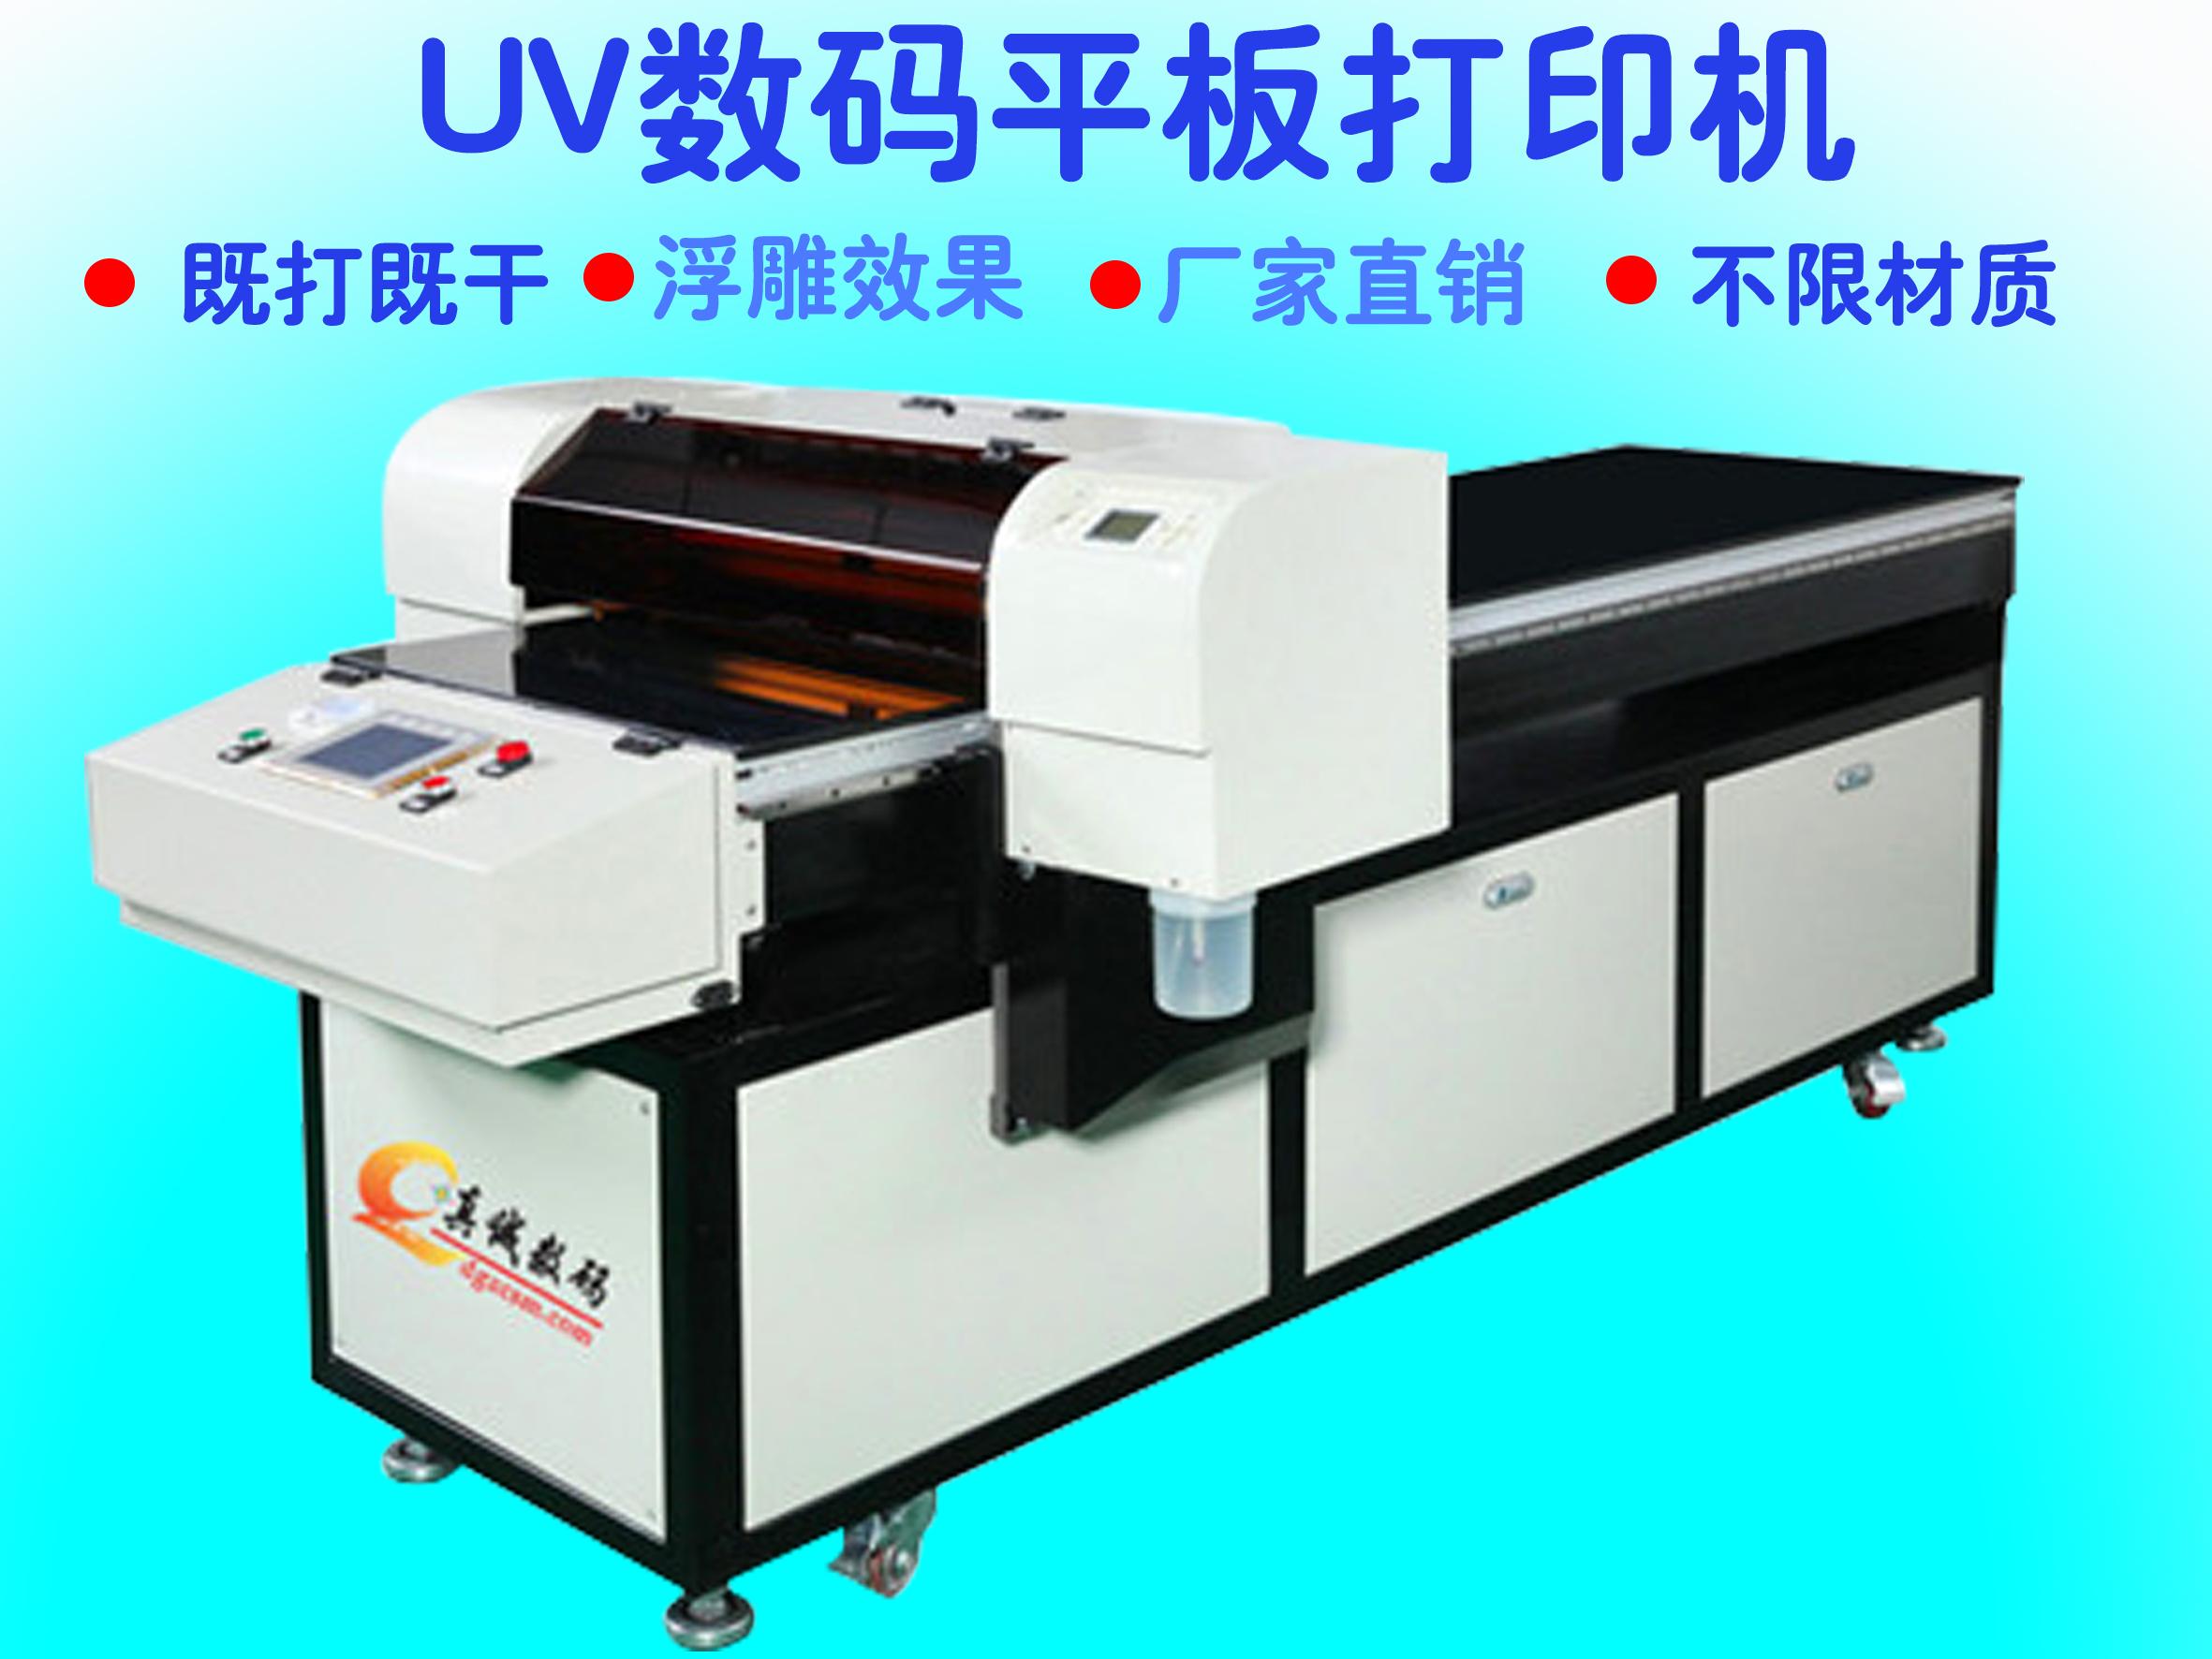 供应3D浮雕UV数码平板打印机厂家直销 3D浮雕UV数码平板打印机